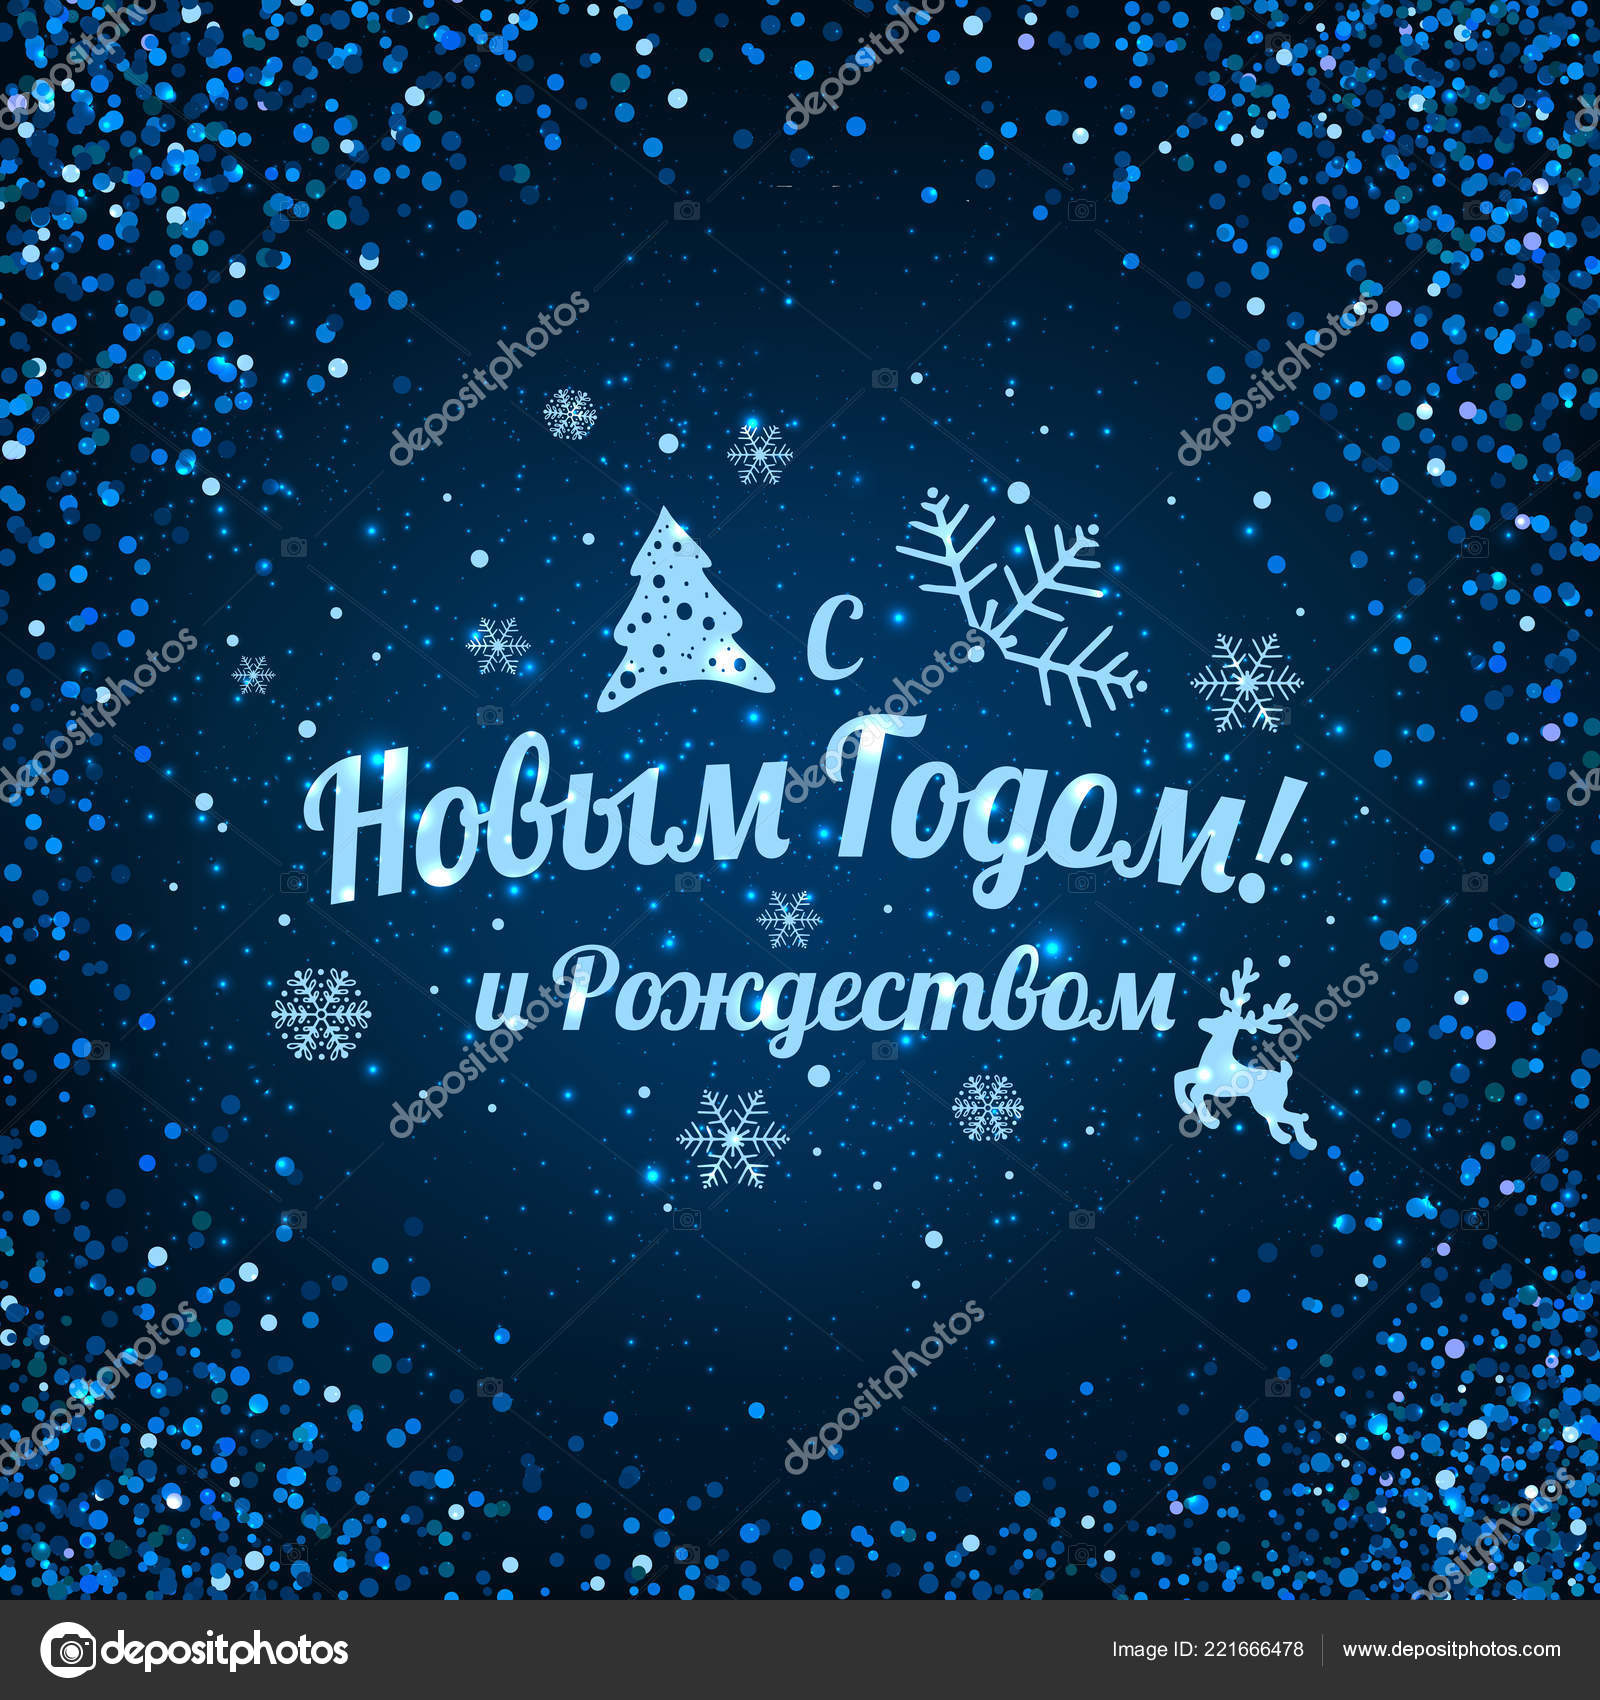 Frohe Weihnachten Russisch Kyrillisch.Text Russischer Sprache Frohes Neues Jahr Und Weihnachten Russische